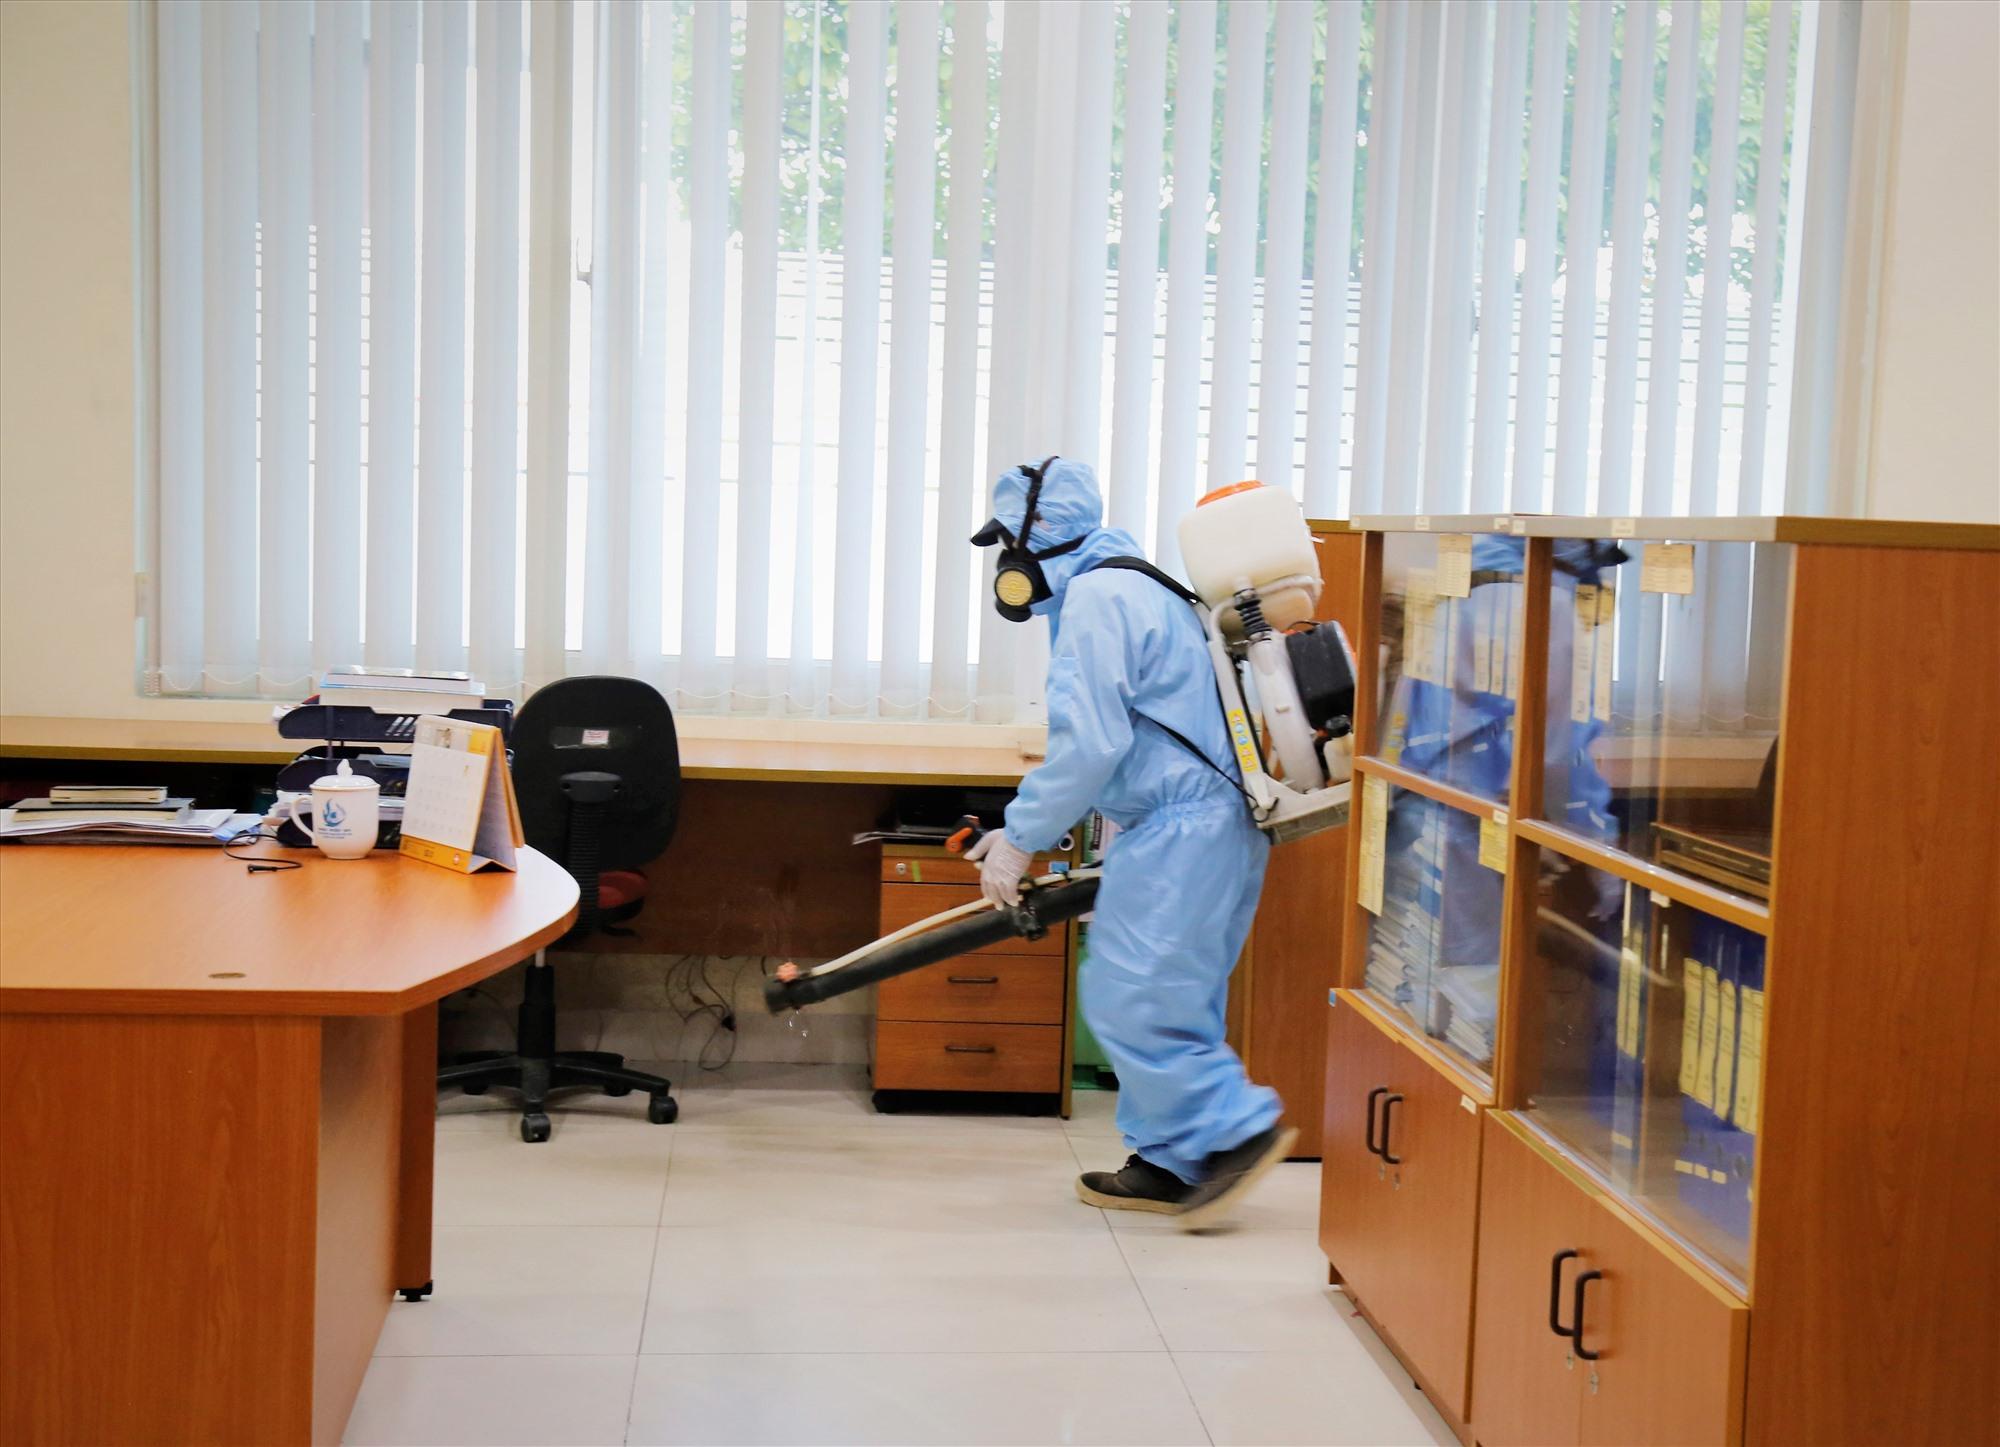 Các doanh nghiệp ở khu công nghiệp đang tổ chức những hoạt động phòng chống dịch bài bản nhất. Ảnh: X.H